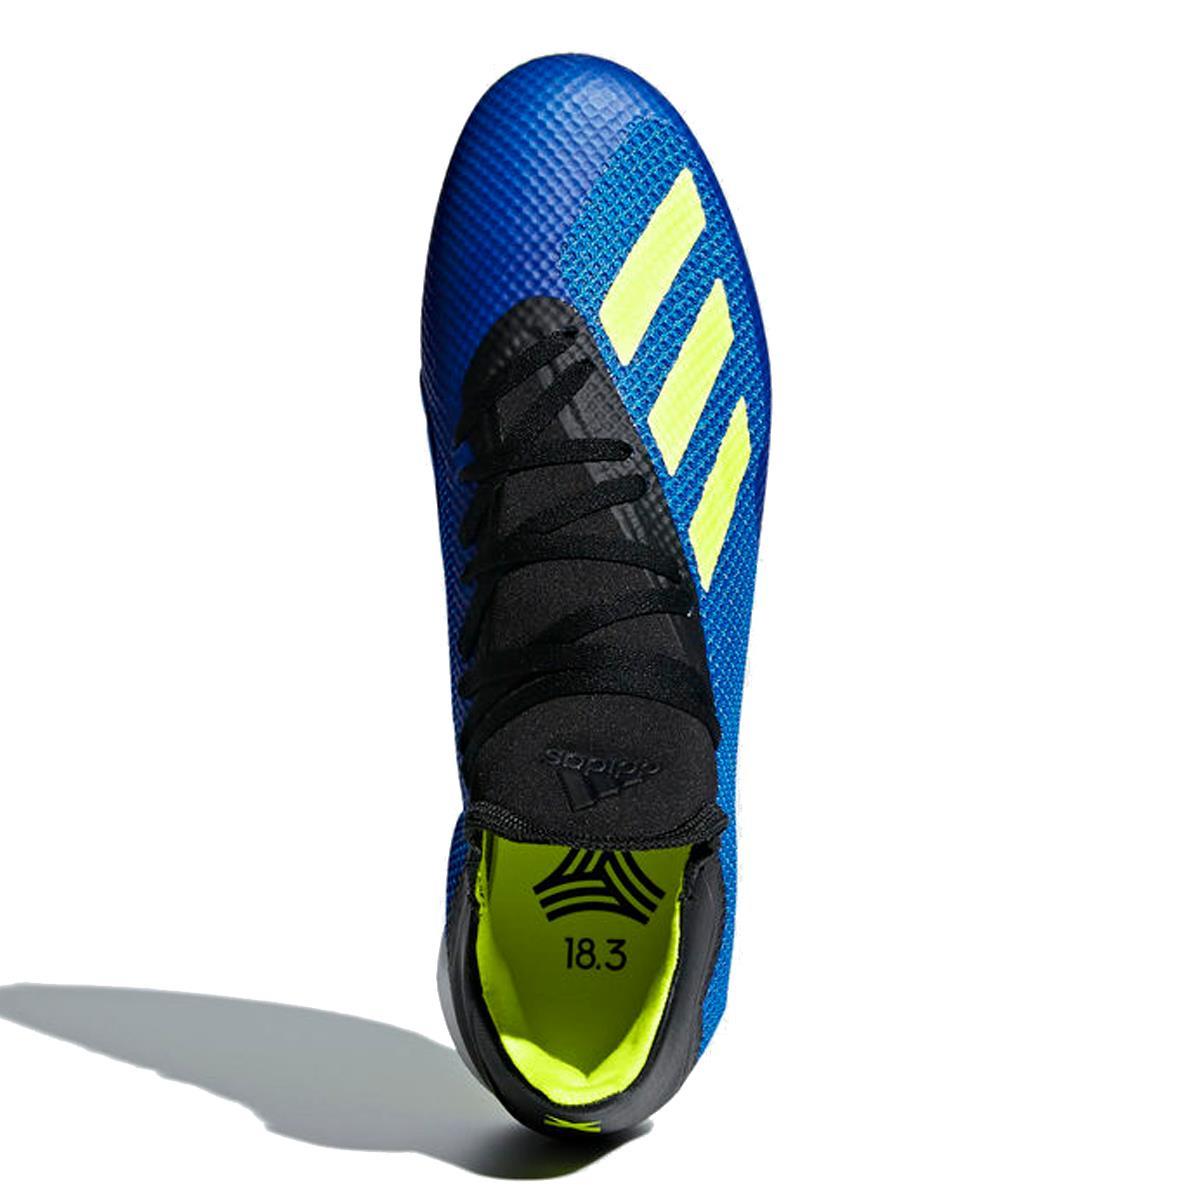 8dcc12bb6b970 Chuteira Futsal Adidas X Tango 18.3 Masculina